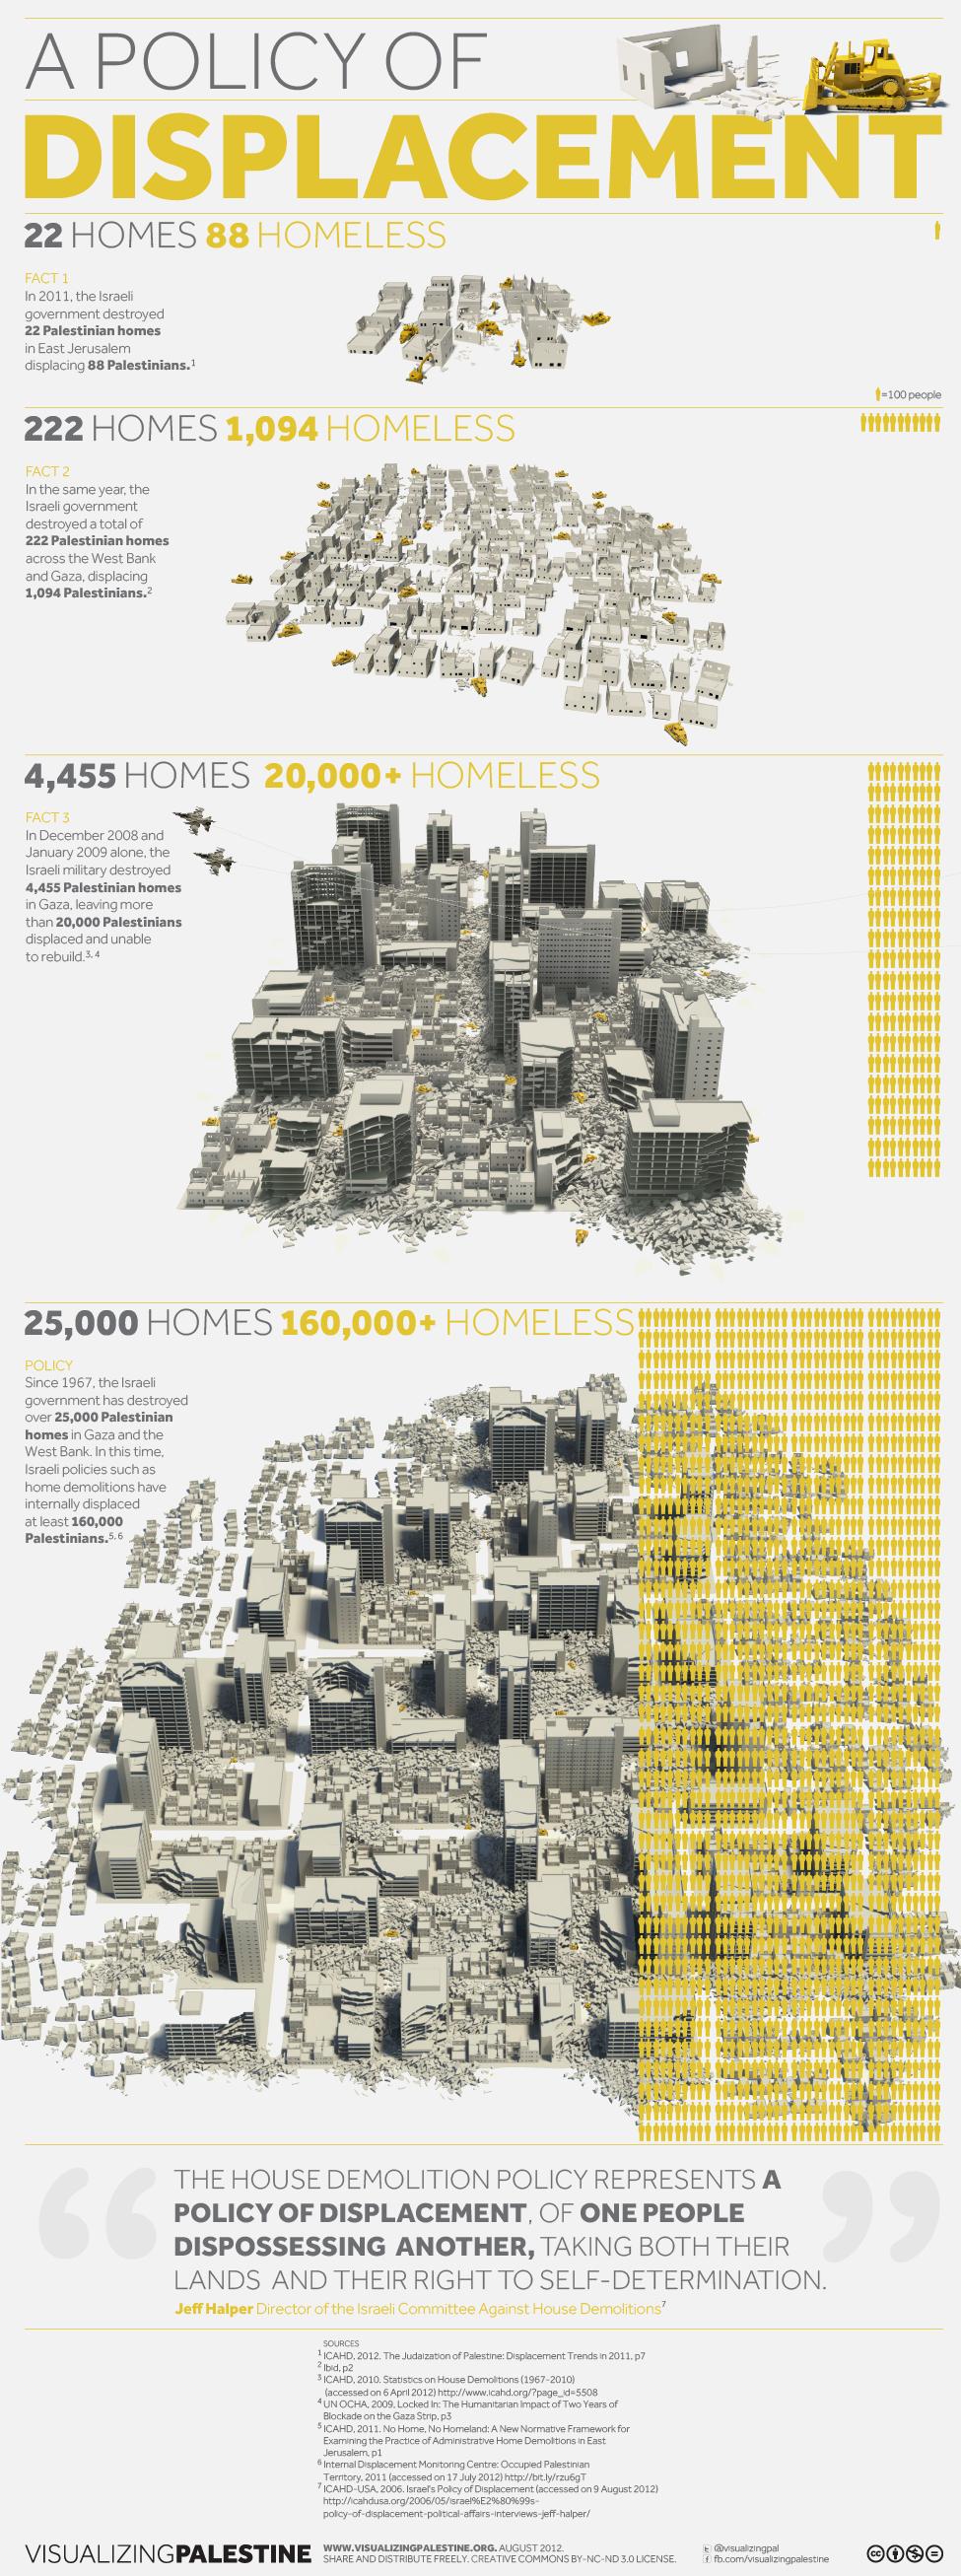 vp-demolitions-2012-08-31